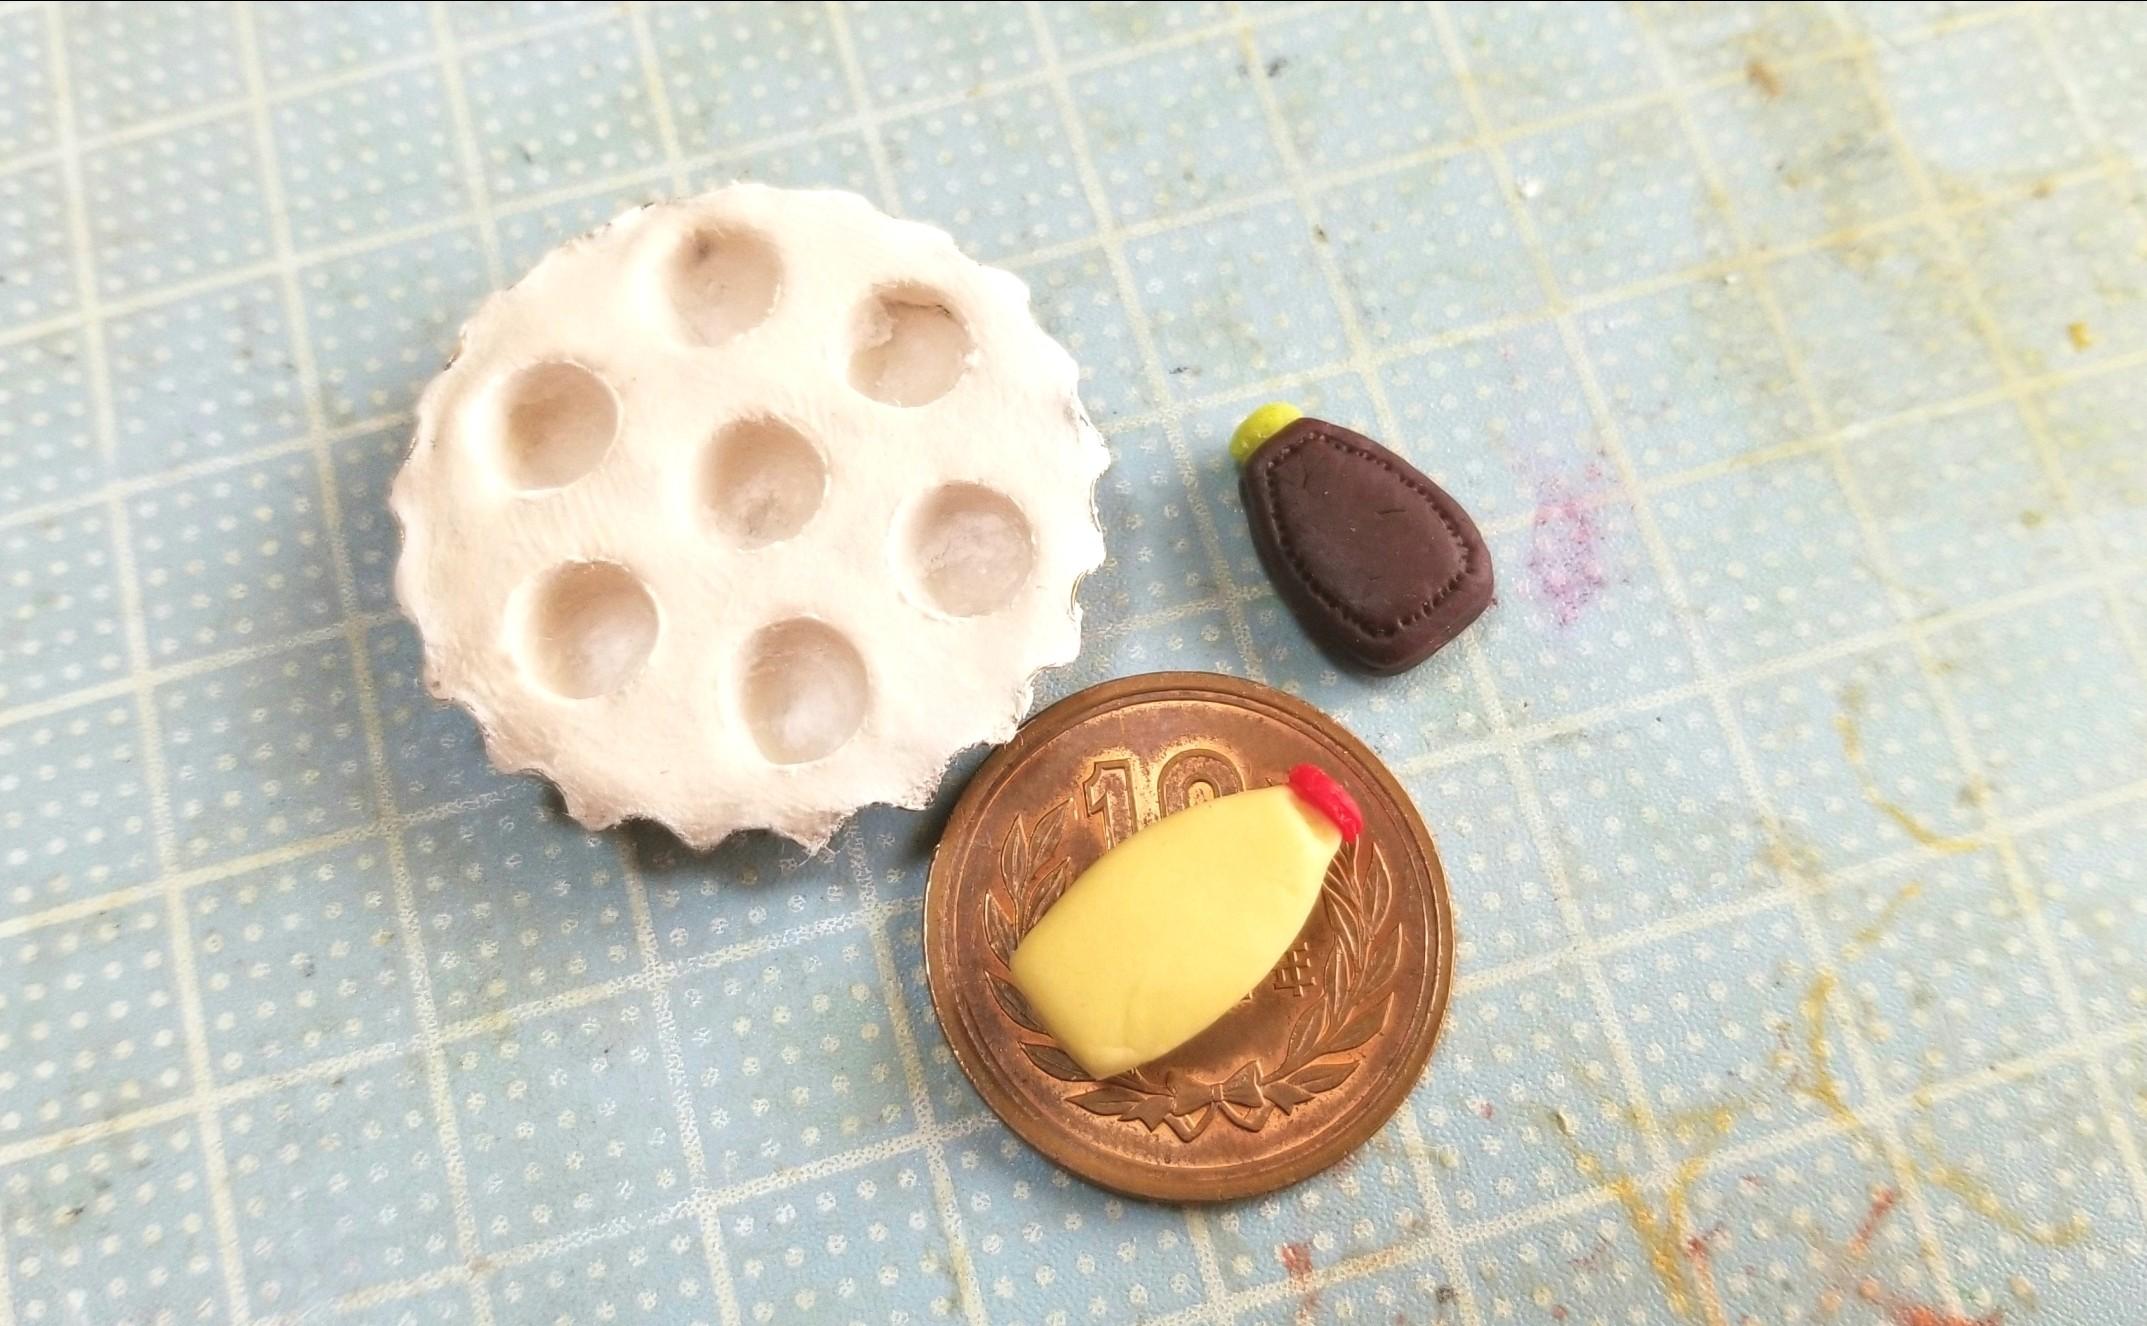 たこ焼き器,作り方,ミニチュアフード,樹脂粘土,ドールハウス,人形